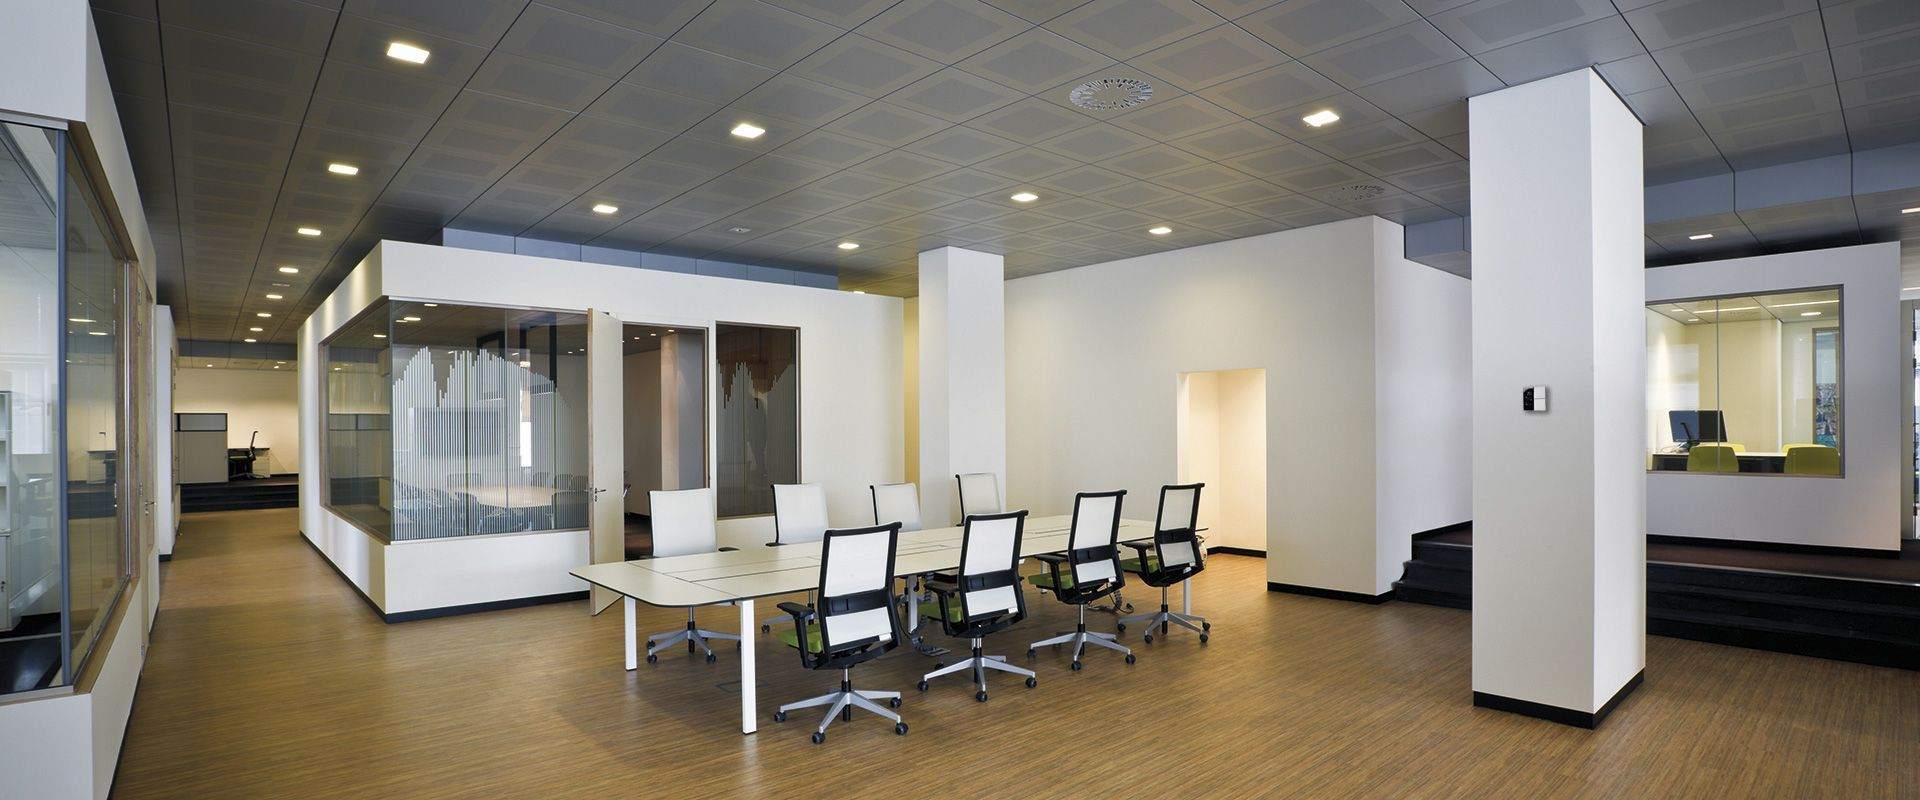 La termoregolazione Ekinex® in una sede aziendale